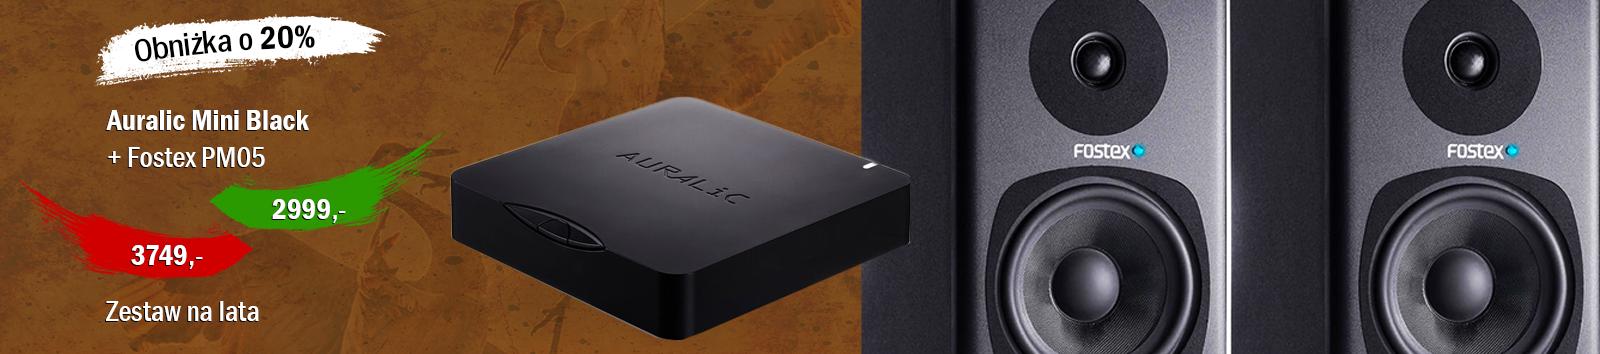 Auralic Mini Black + Fostex PM05